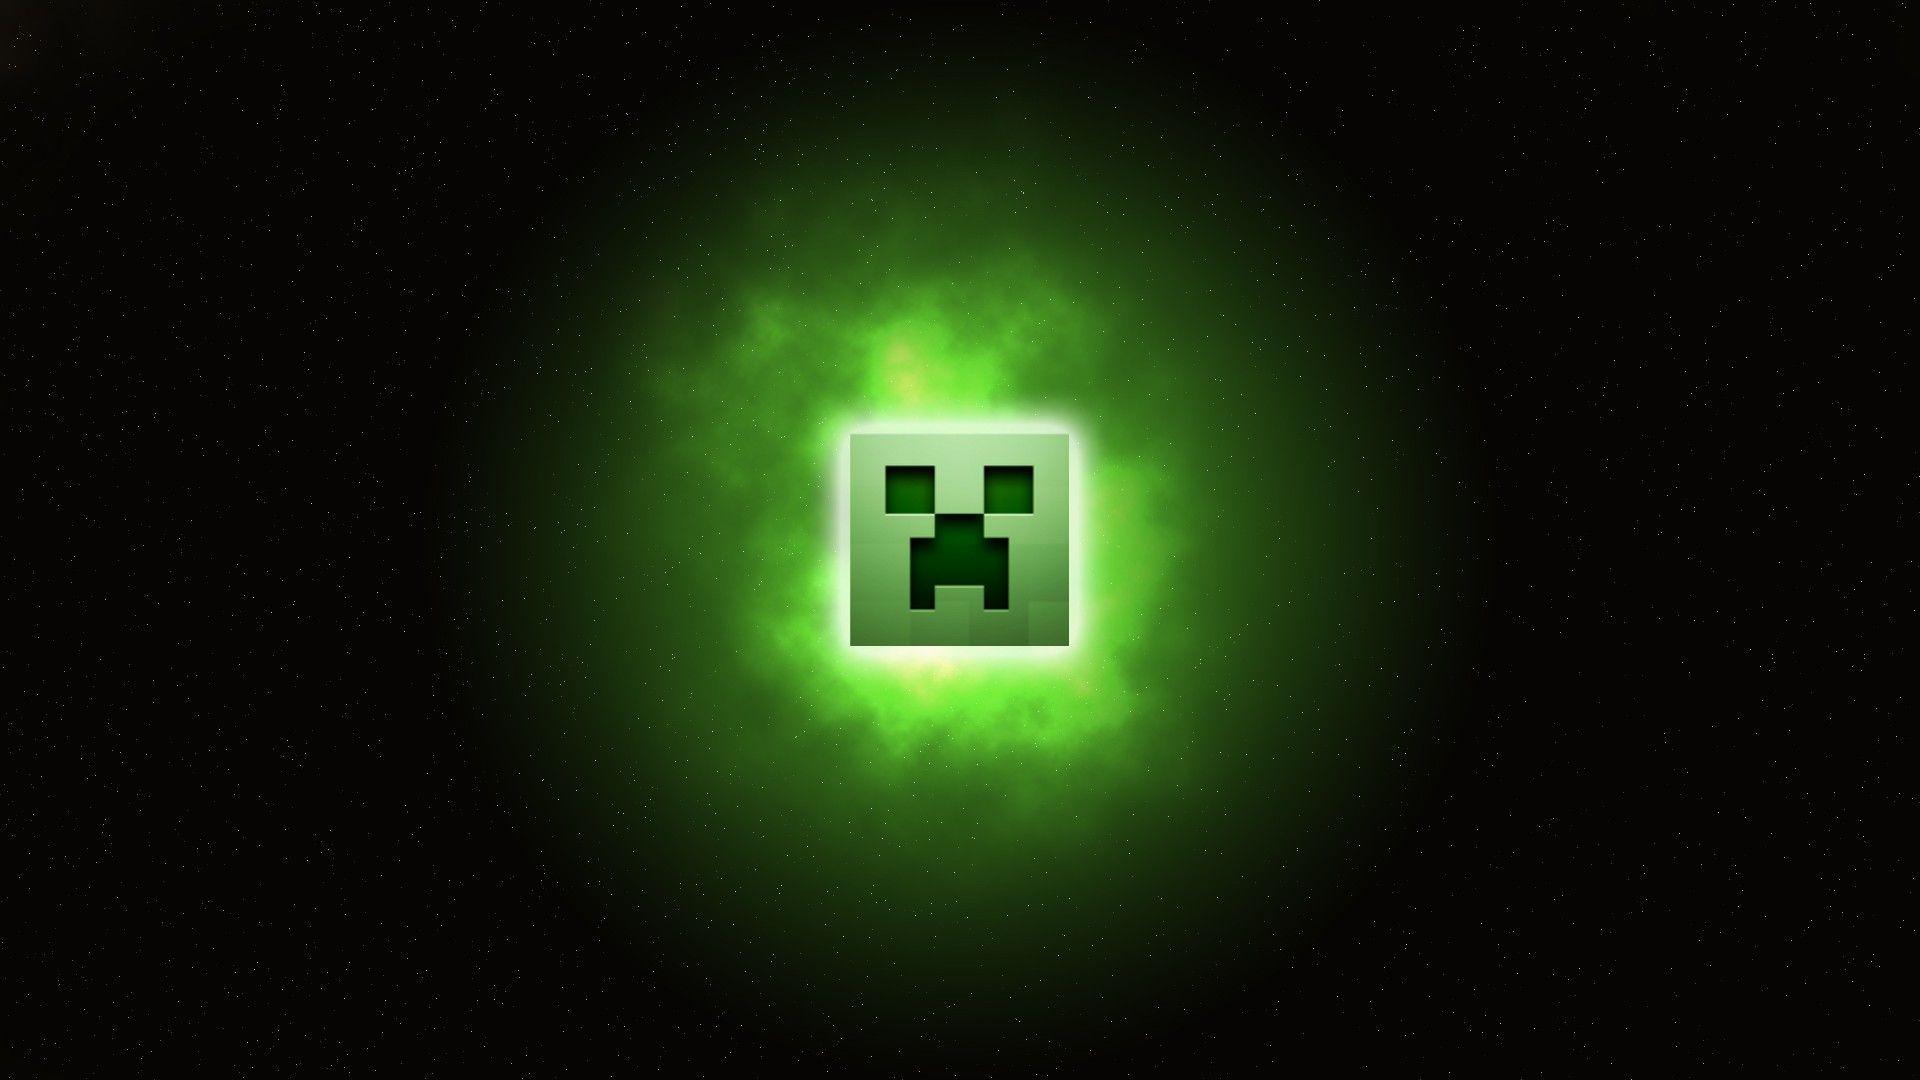 Minecraft D Minecraft Wallpaper Background Hd Wallpaper Cool Desktop Wallpapers